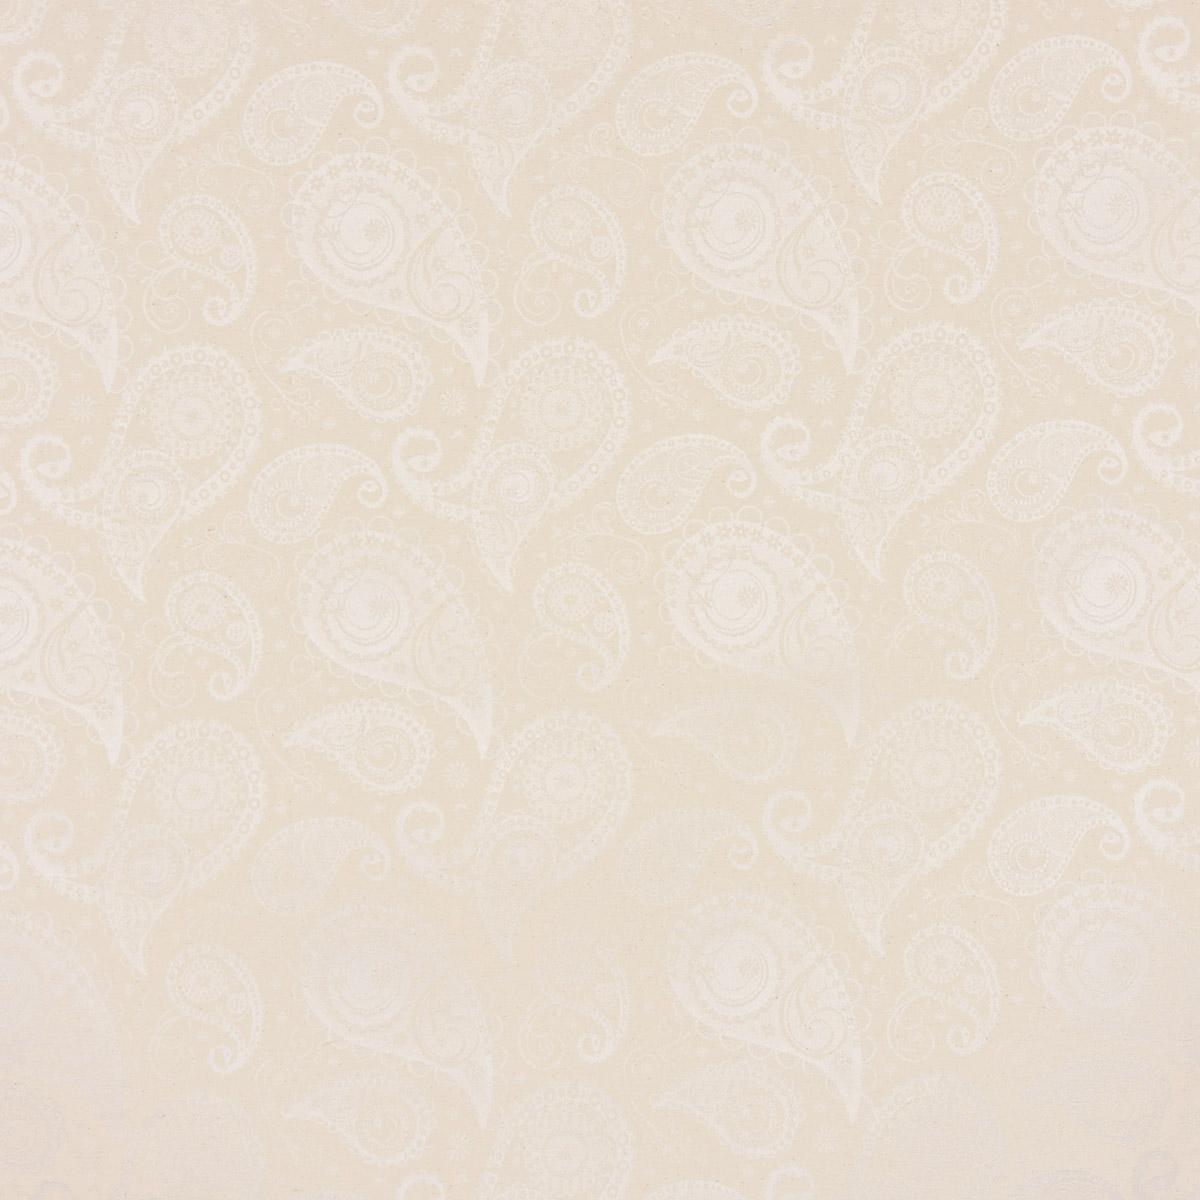 Dekostoff Jacquard Wendestoff Tischwäschestoff extrabreit Paisley natur weiß 2,8m Breite